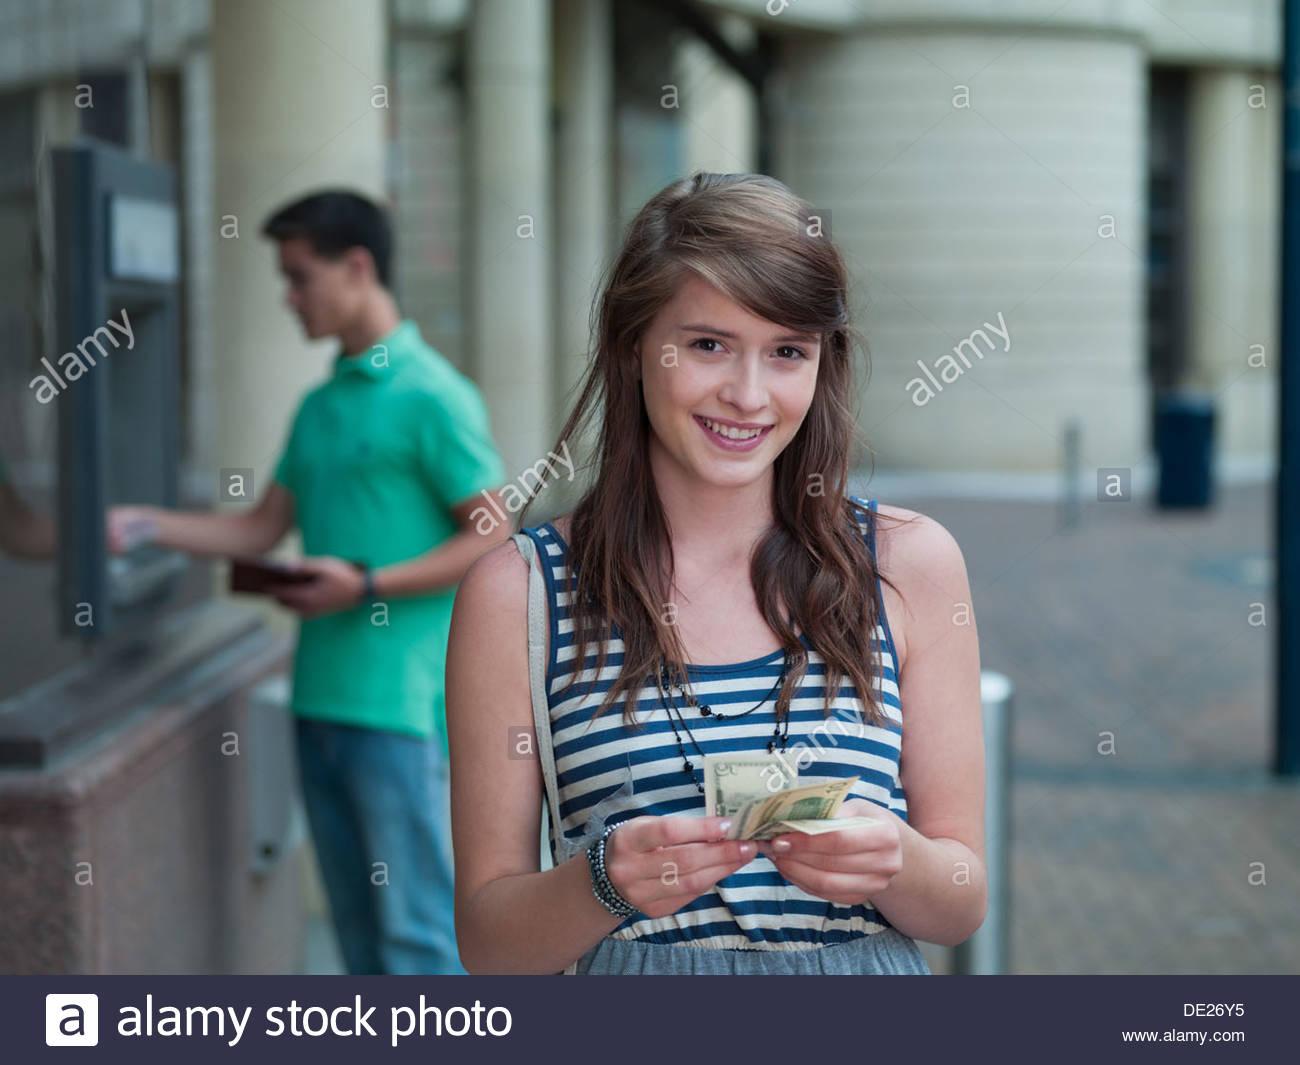 Happy girl holding money près de ATM machine Photo Stock